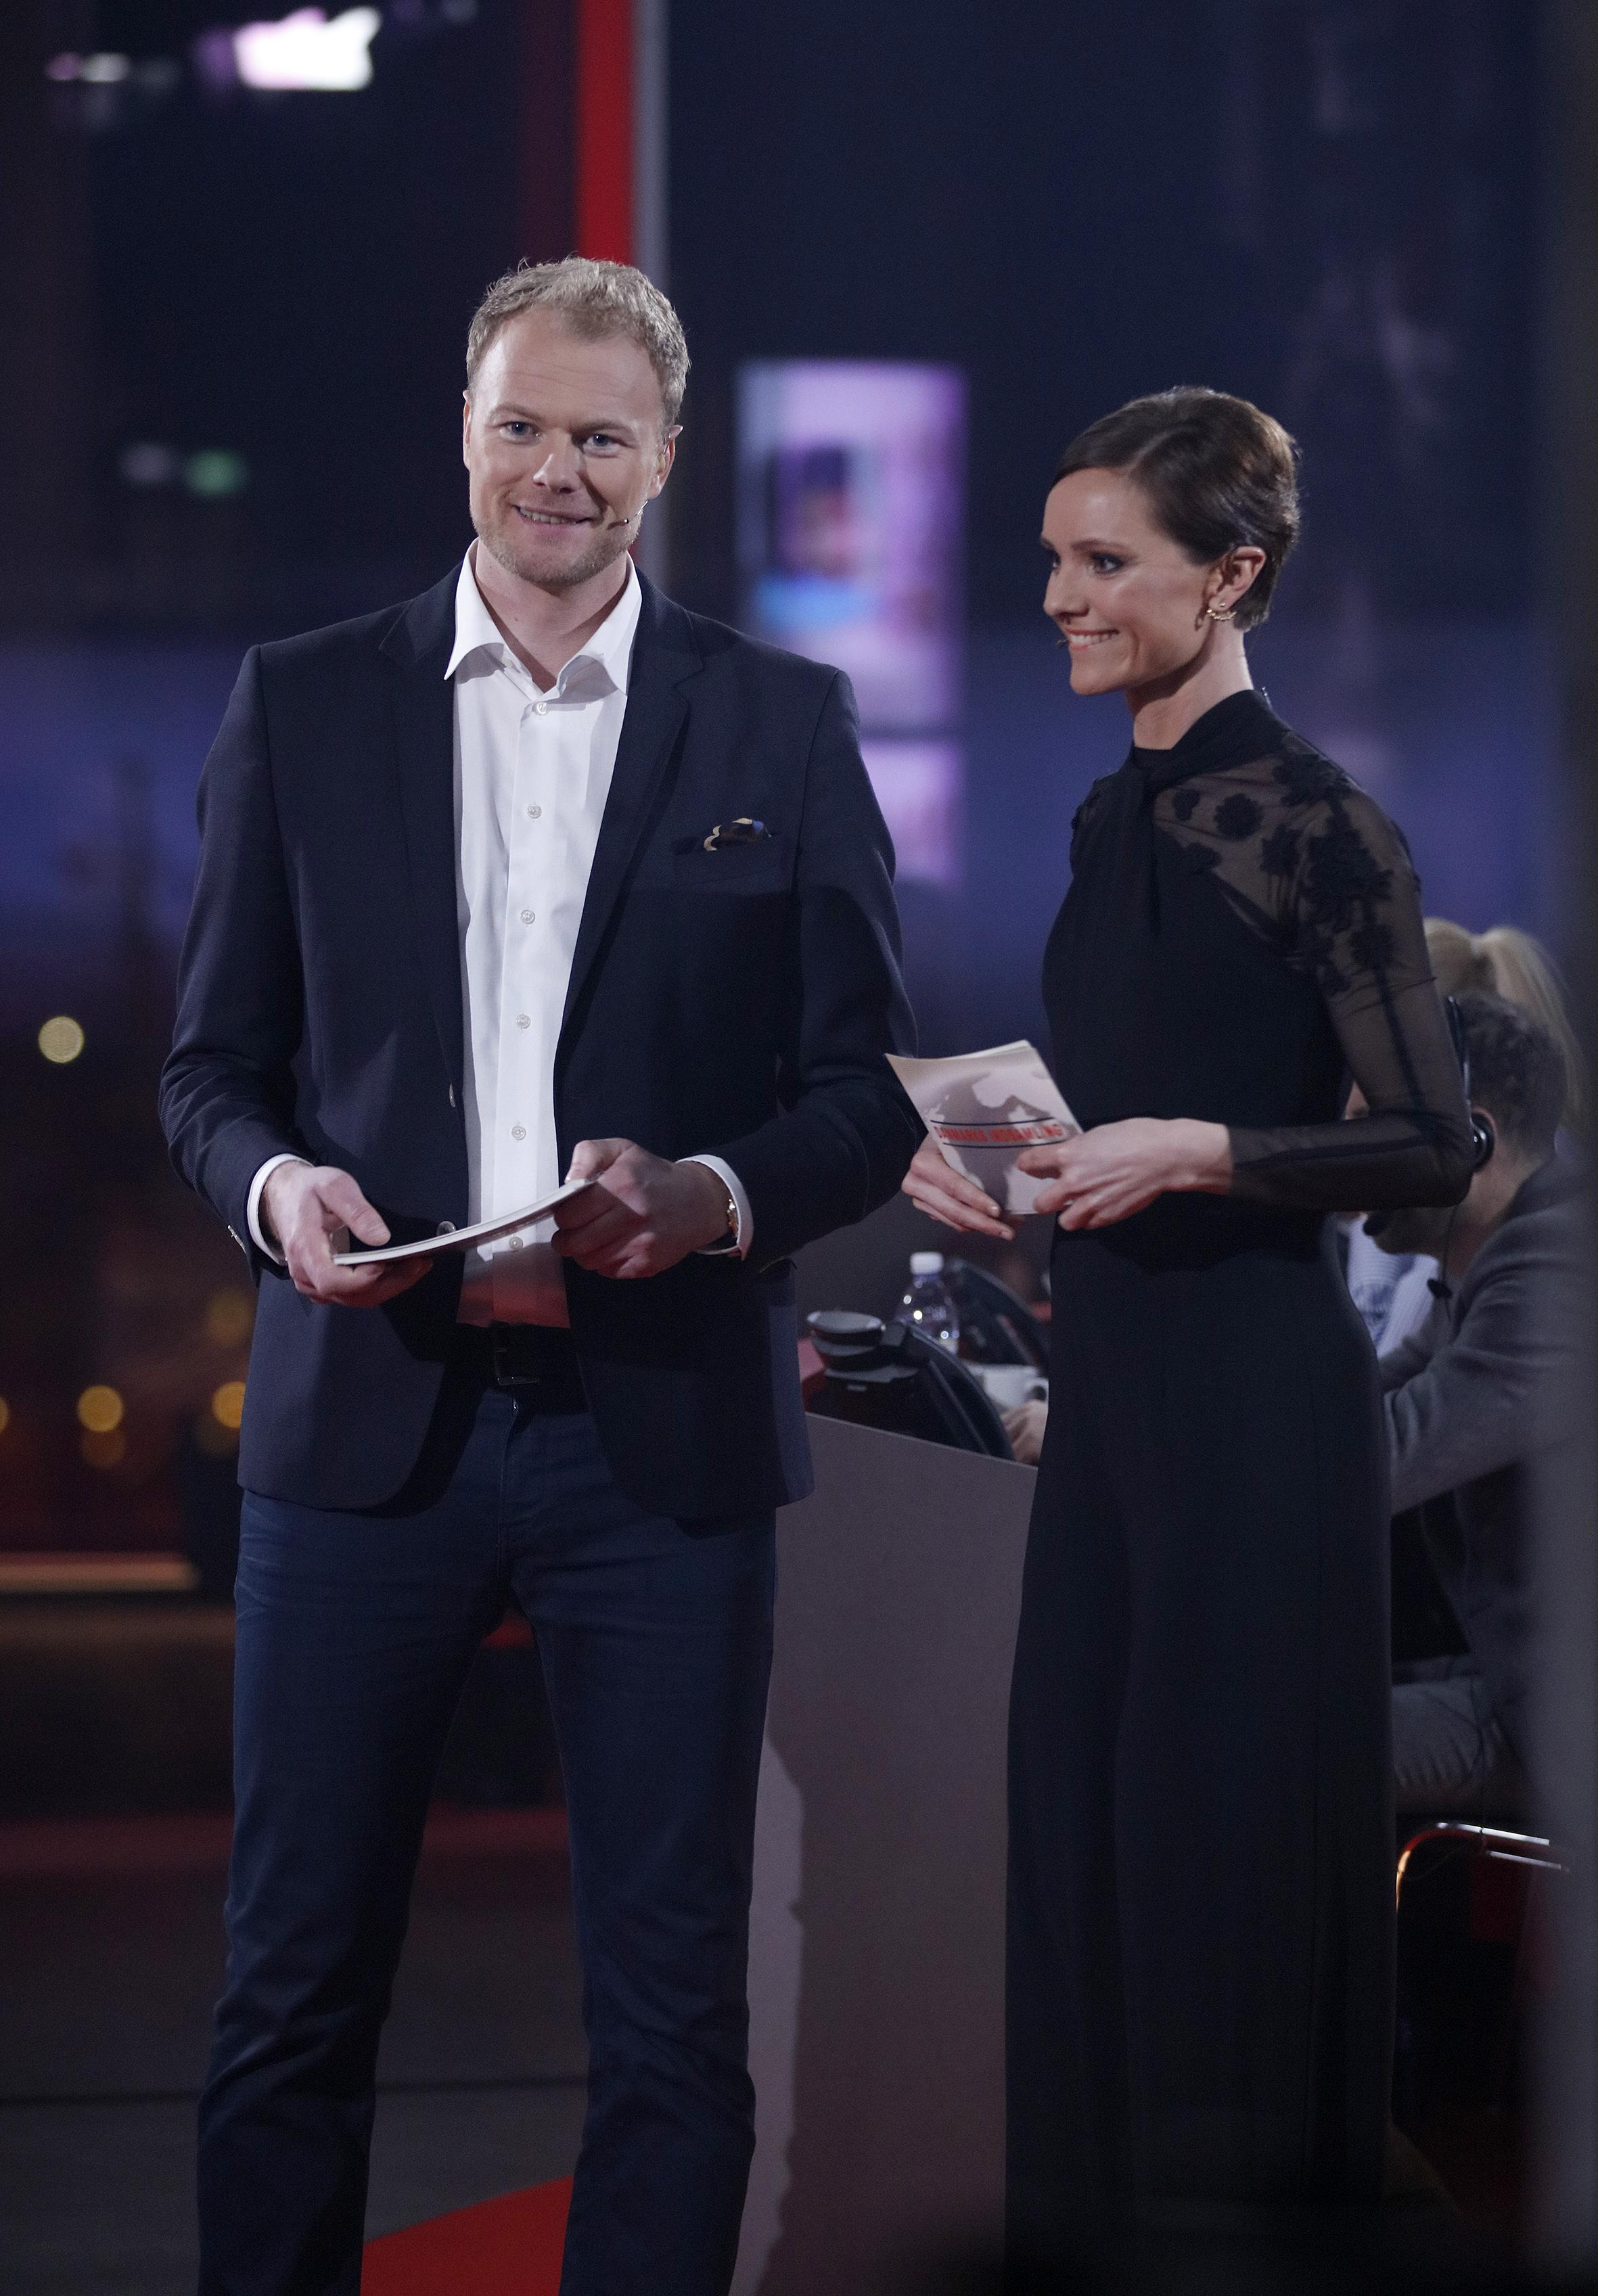 Værter ved showet i 2018 var Lise Rønne og Christian Degn - om der er genvalg til de to næste år er endnu ikke offentliggjort. Foto: DR